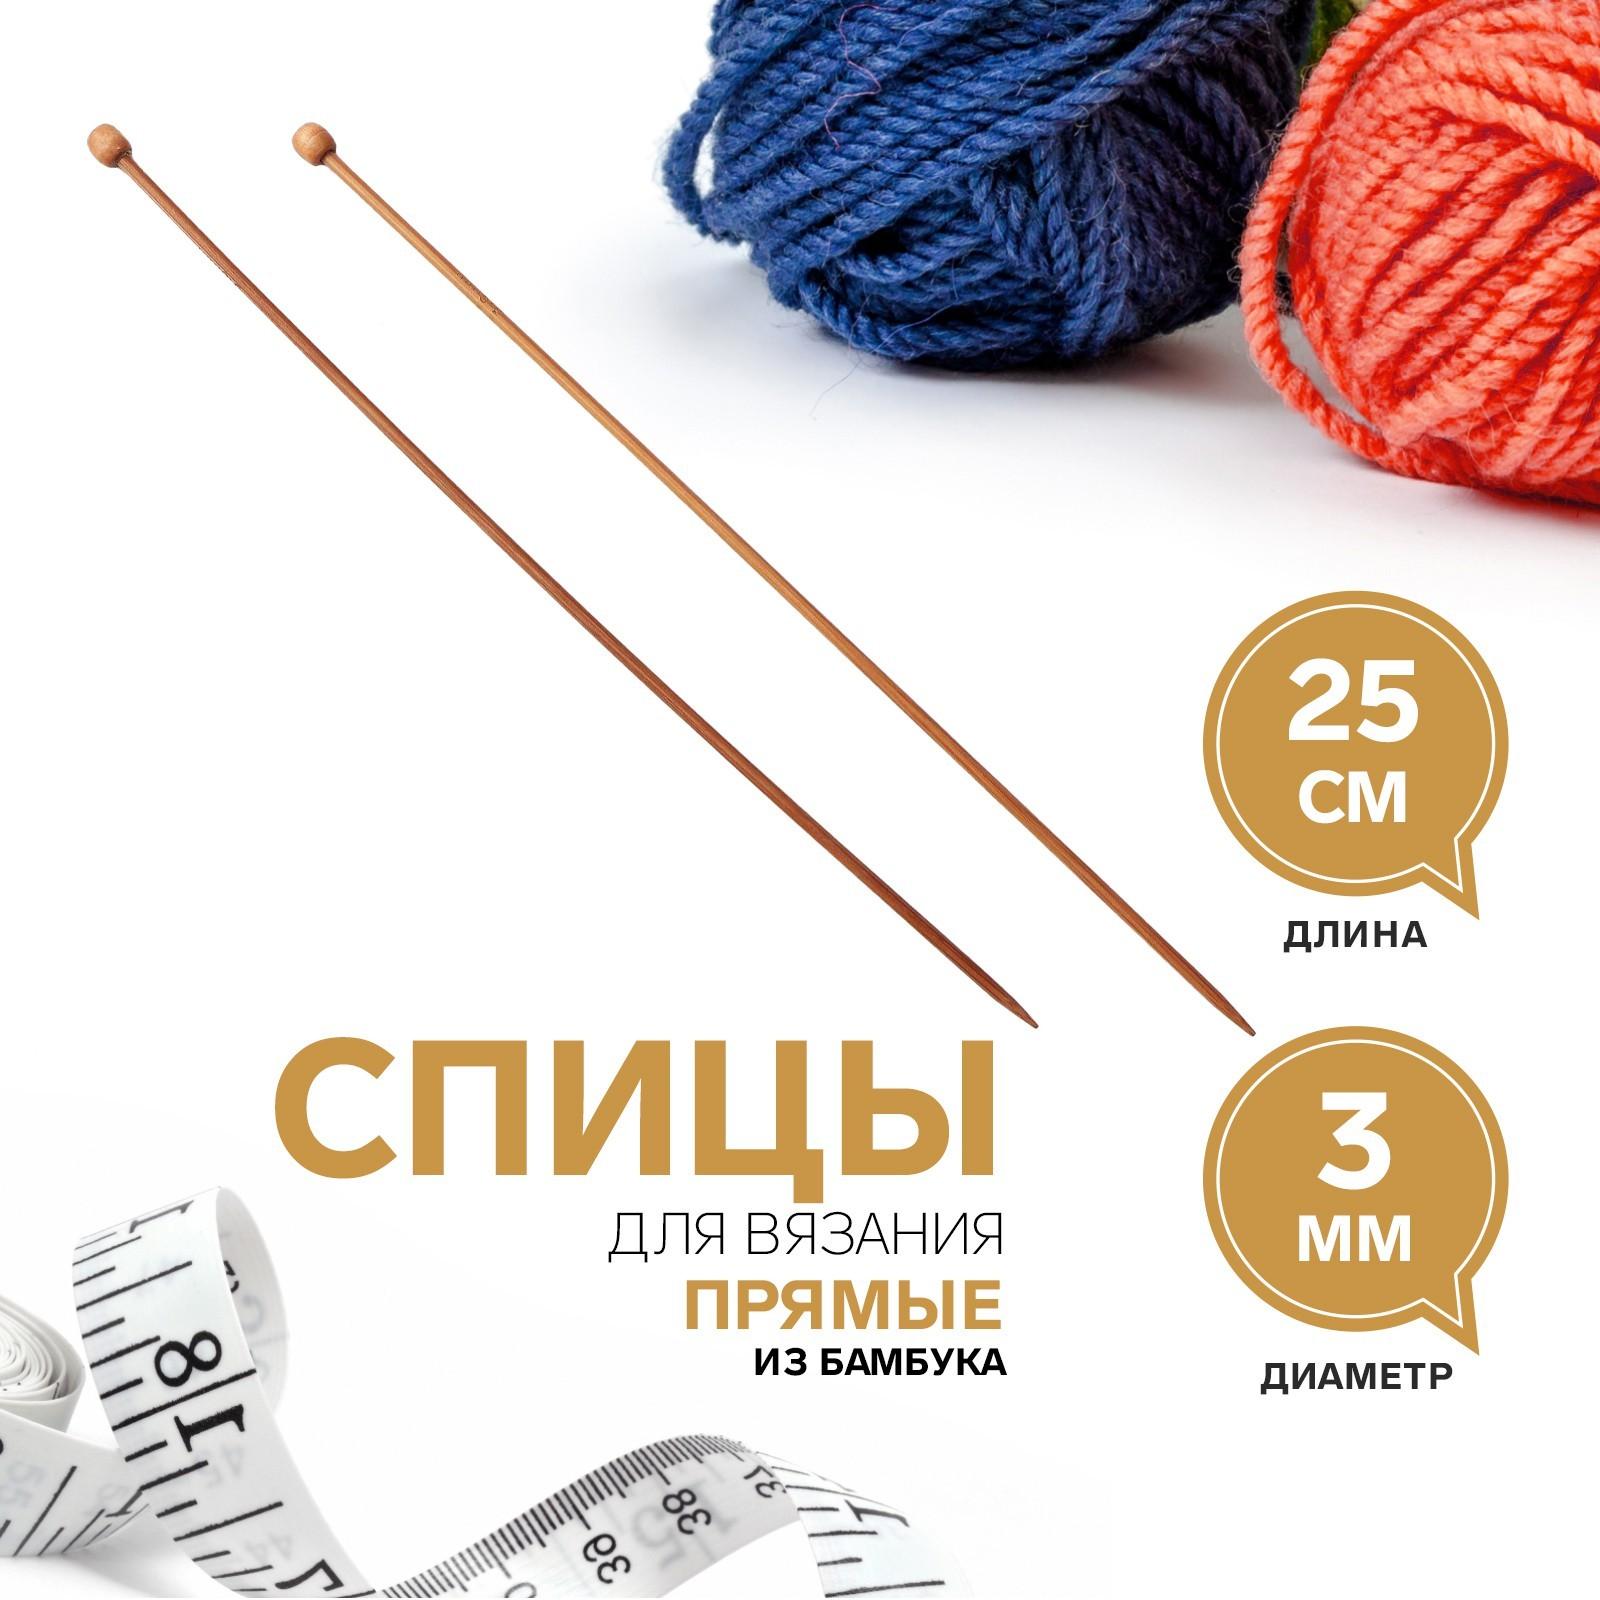 спицы для вязания прямые D 3 мм 25 см 2 шт 1161190 купить